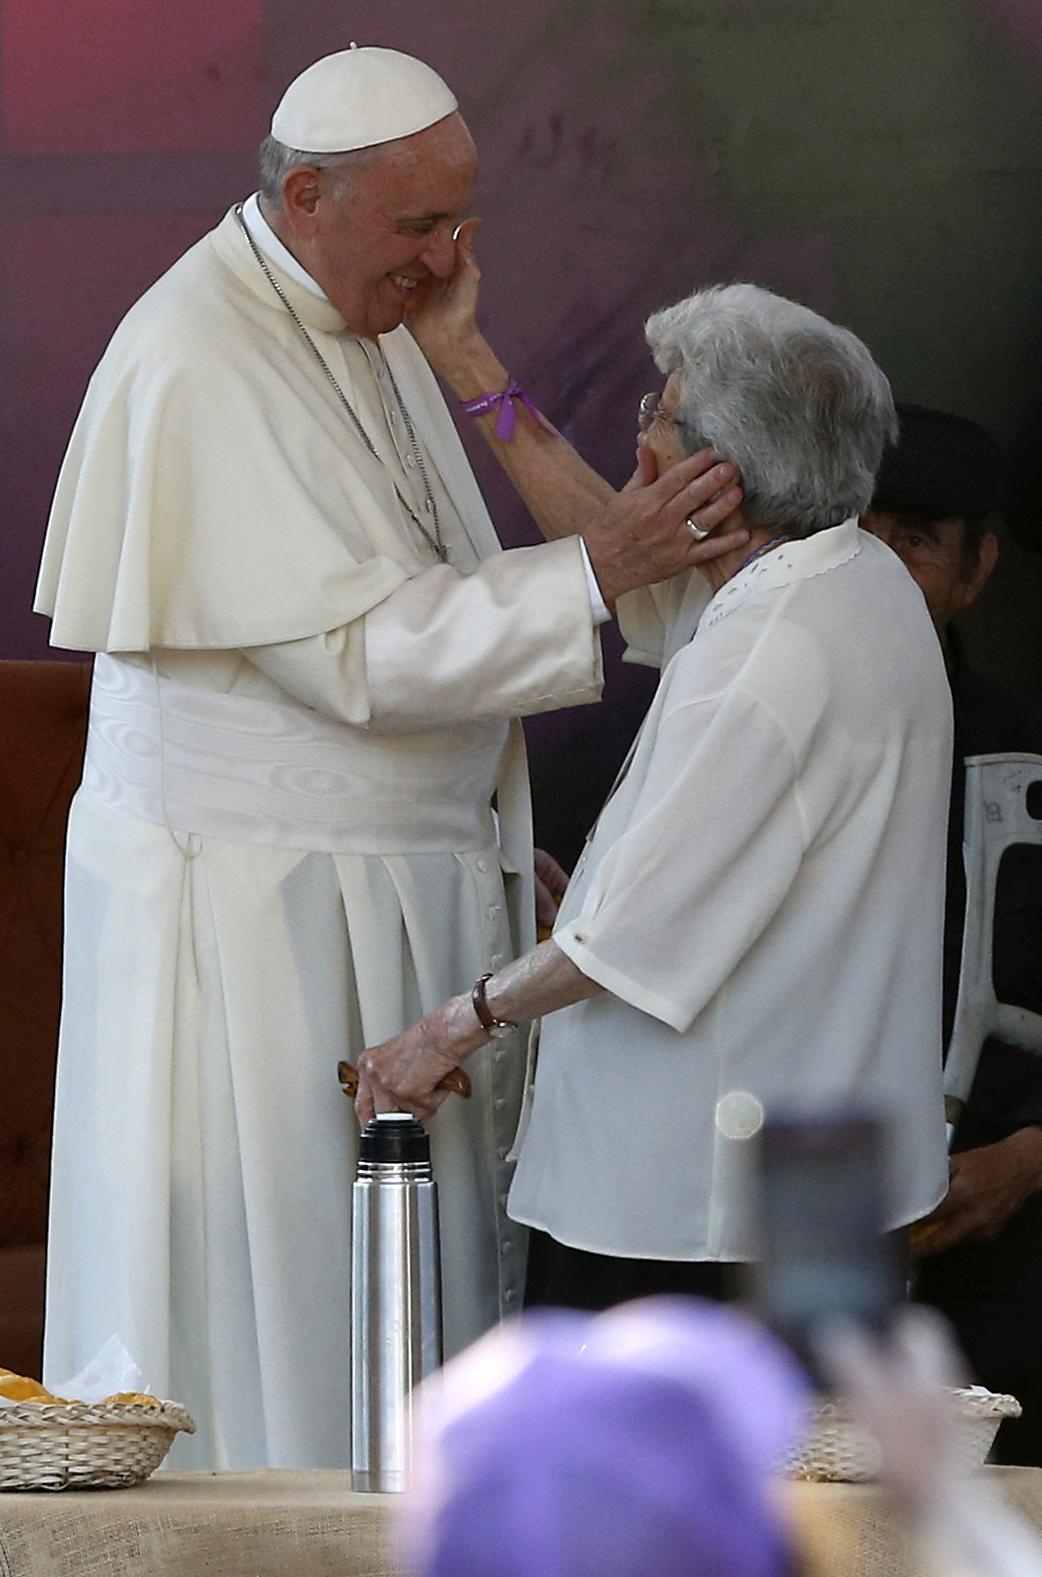 السلام علي البابا